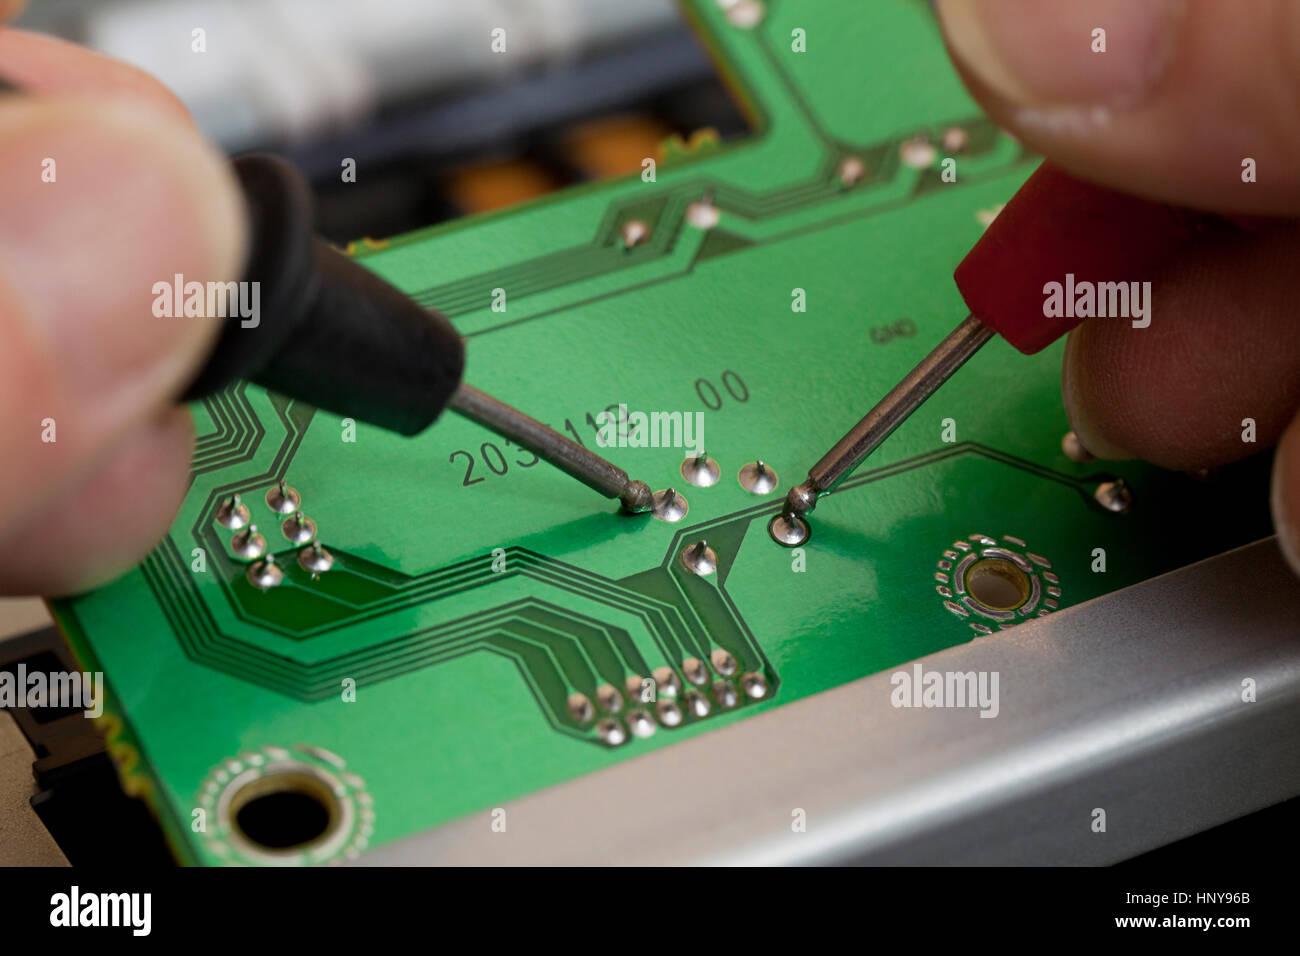 Techniker Prüfungen Kontakt Punkte auf der Platine mit einem Voltmeter (Elektronik Reparatur) - Usa Stockbild